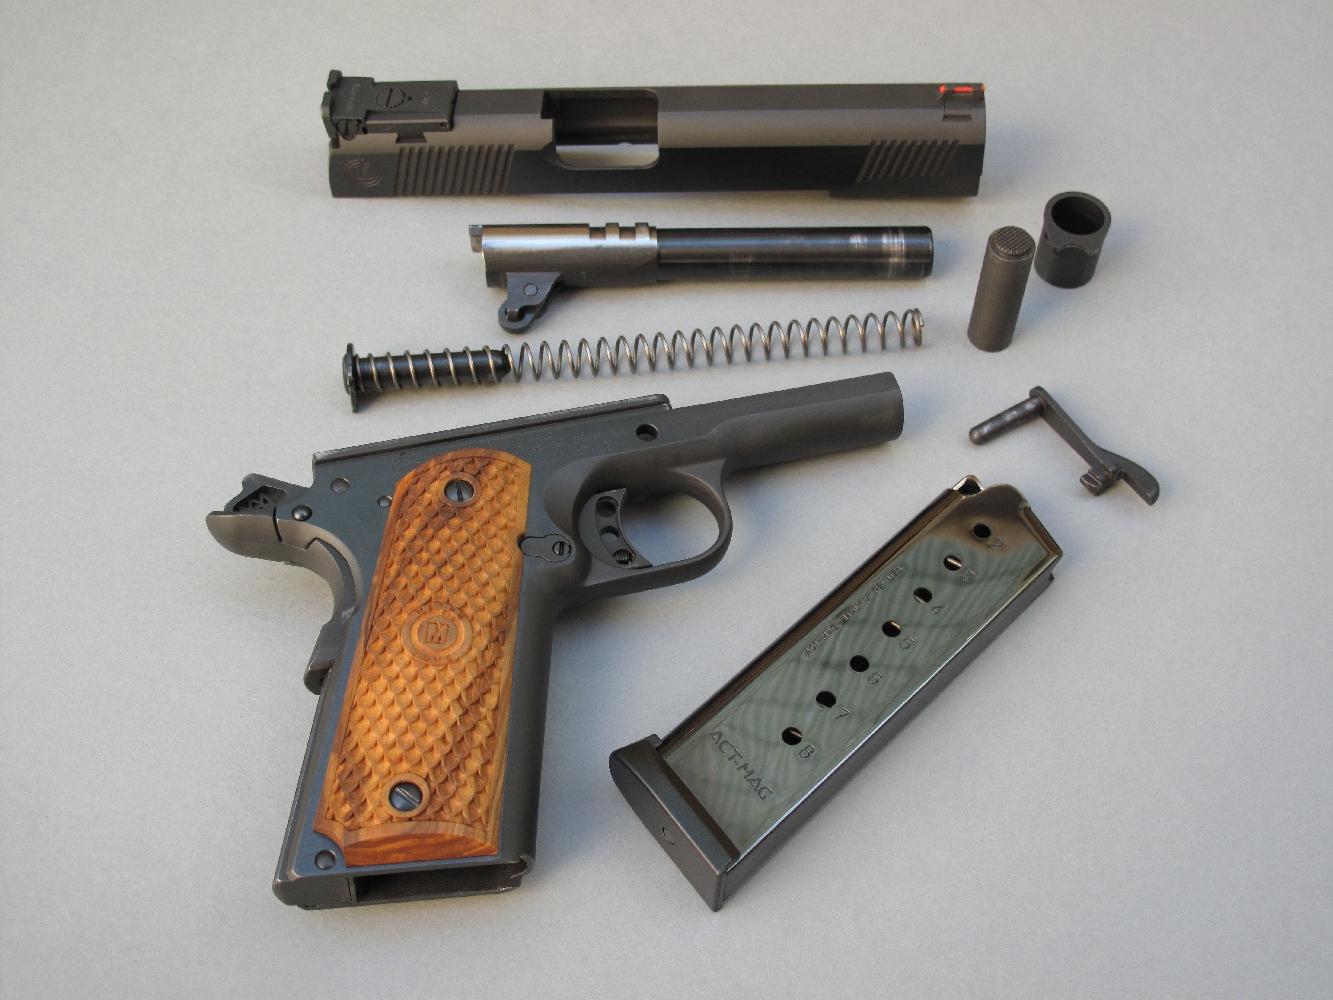 Le démontage sommaire, strictement conforme à celui du Colt 1911 A1, ne présente aucune difficulté et peut être aisément effectué sans outil.